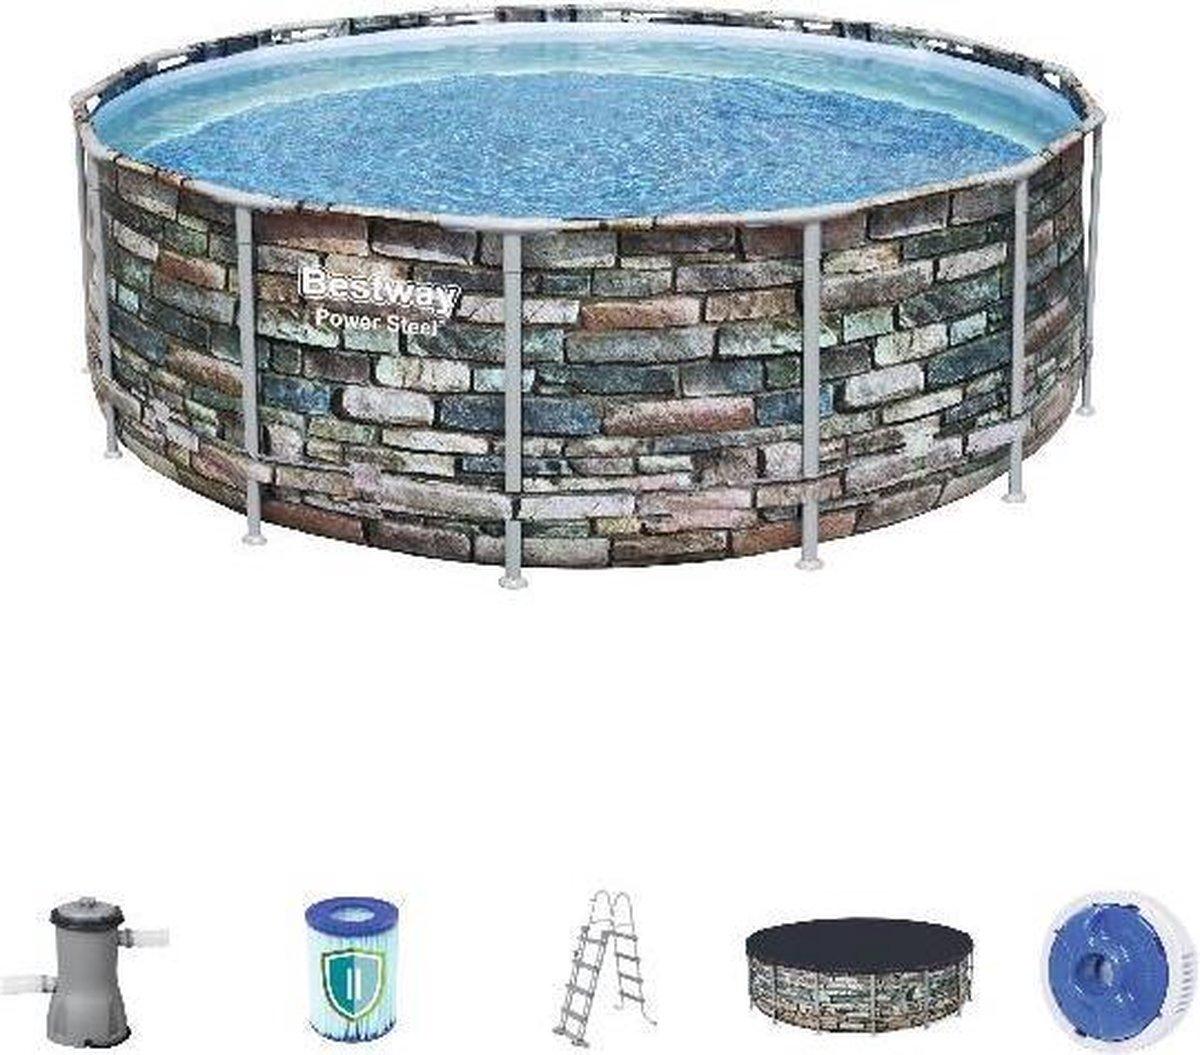 Bestway zwembad power steel set rond steen 427